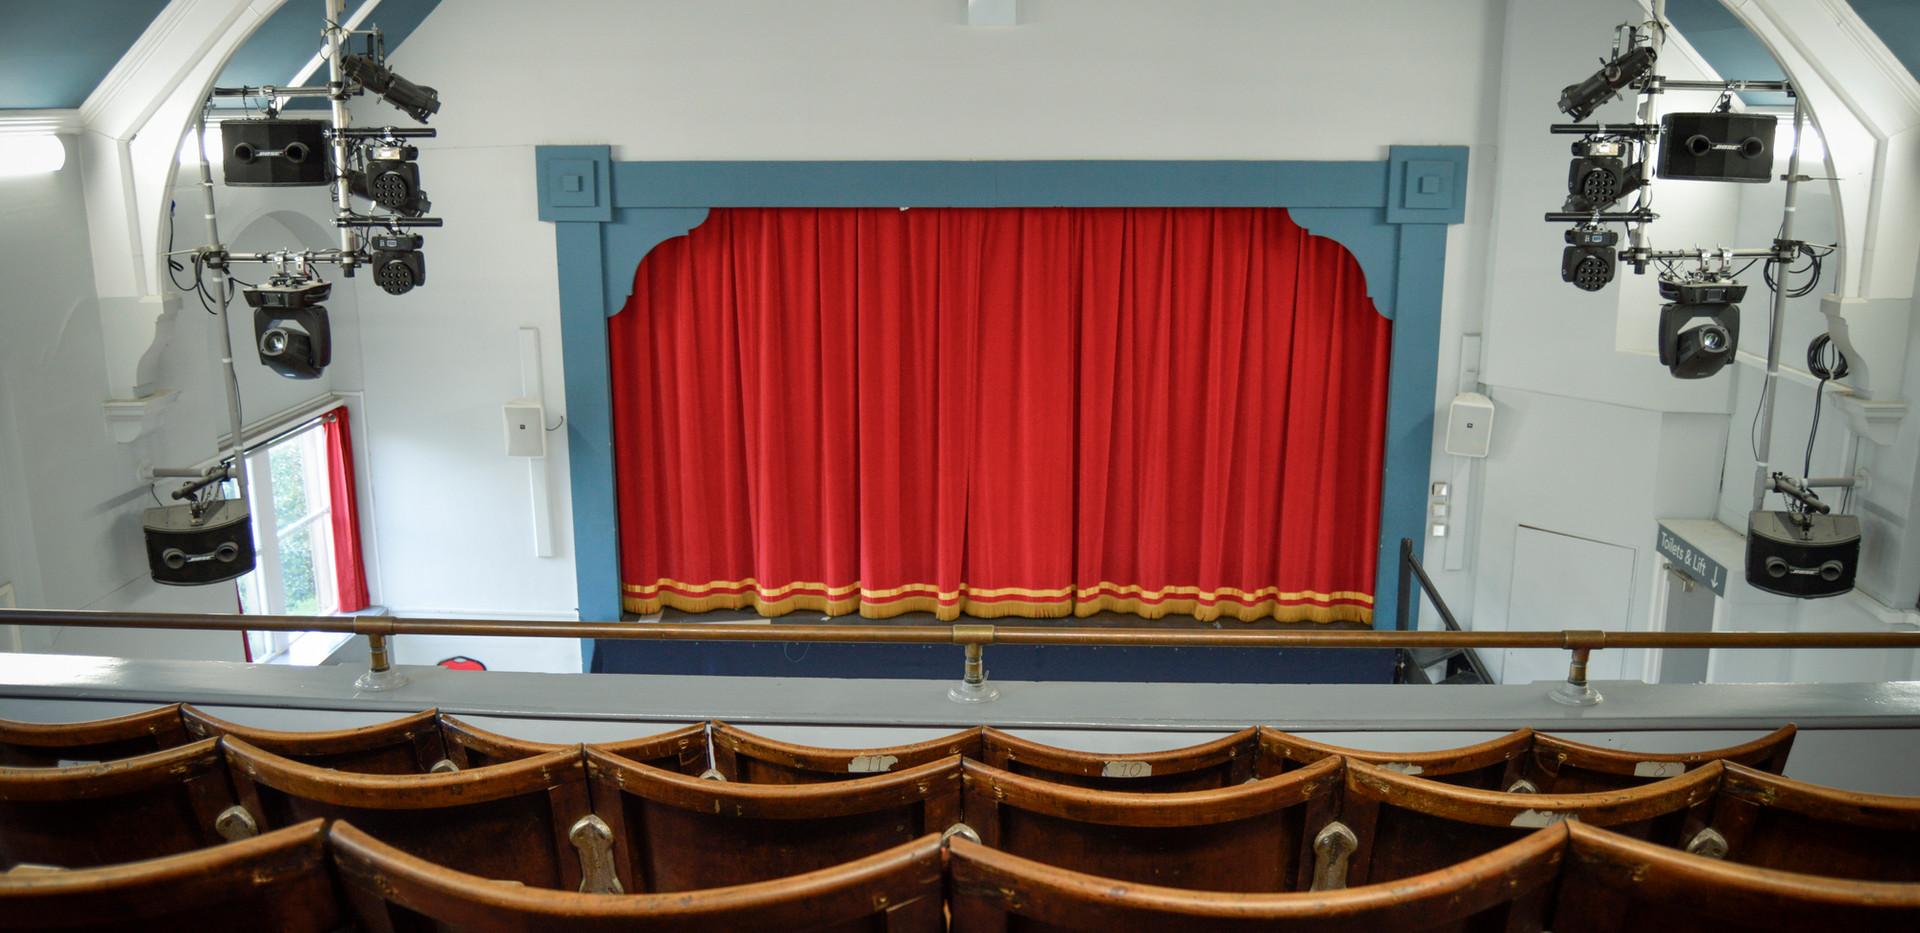 Glusburn Institute Main Hall